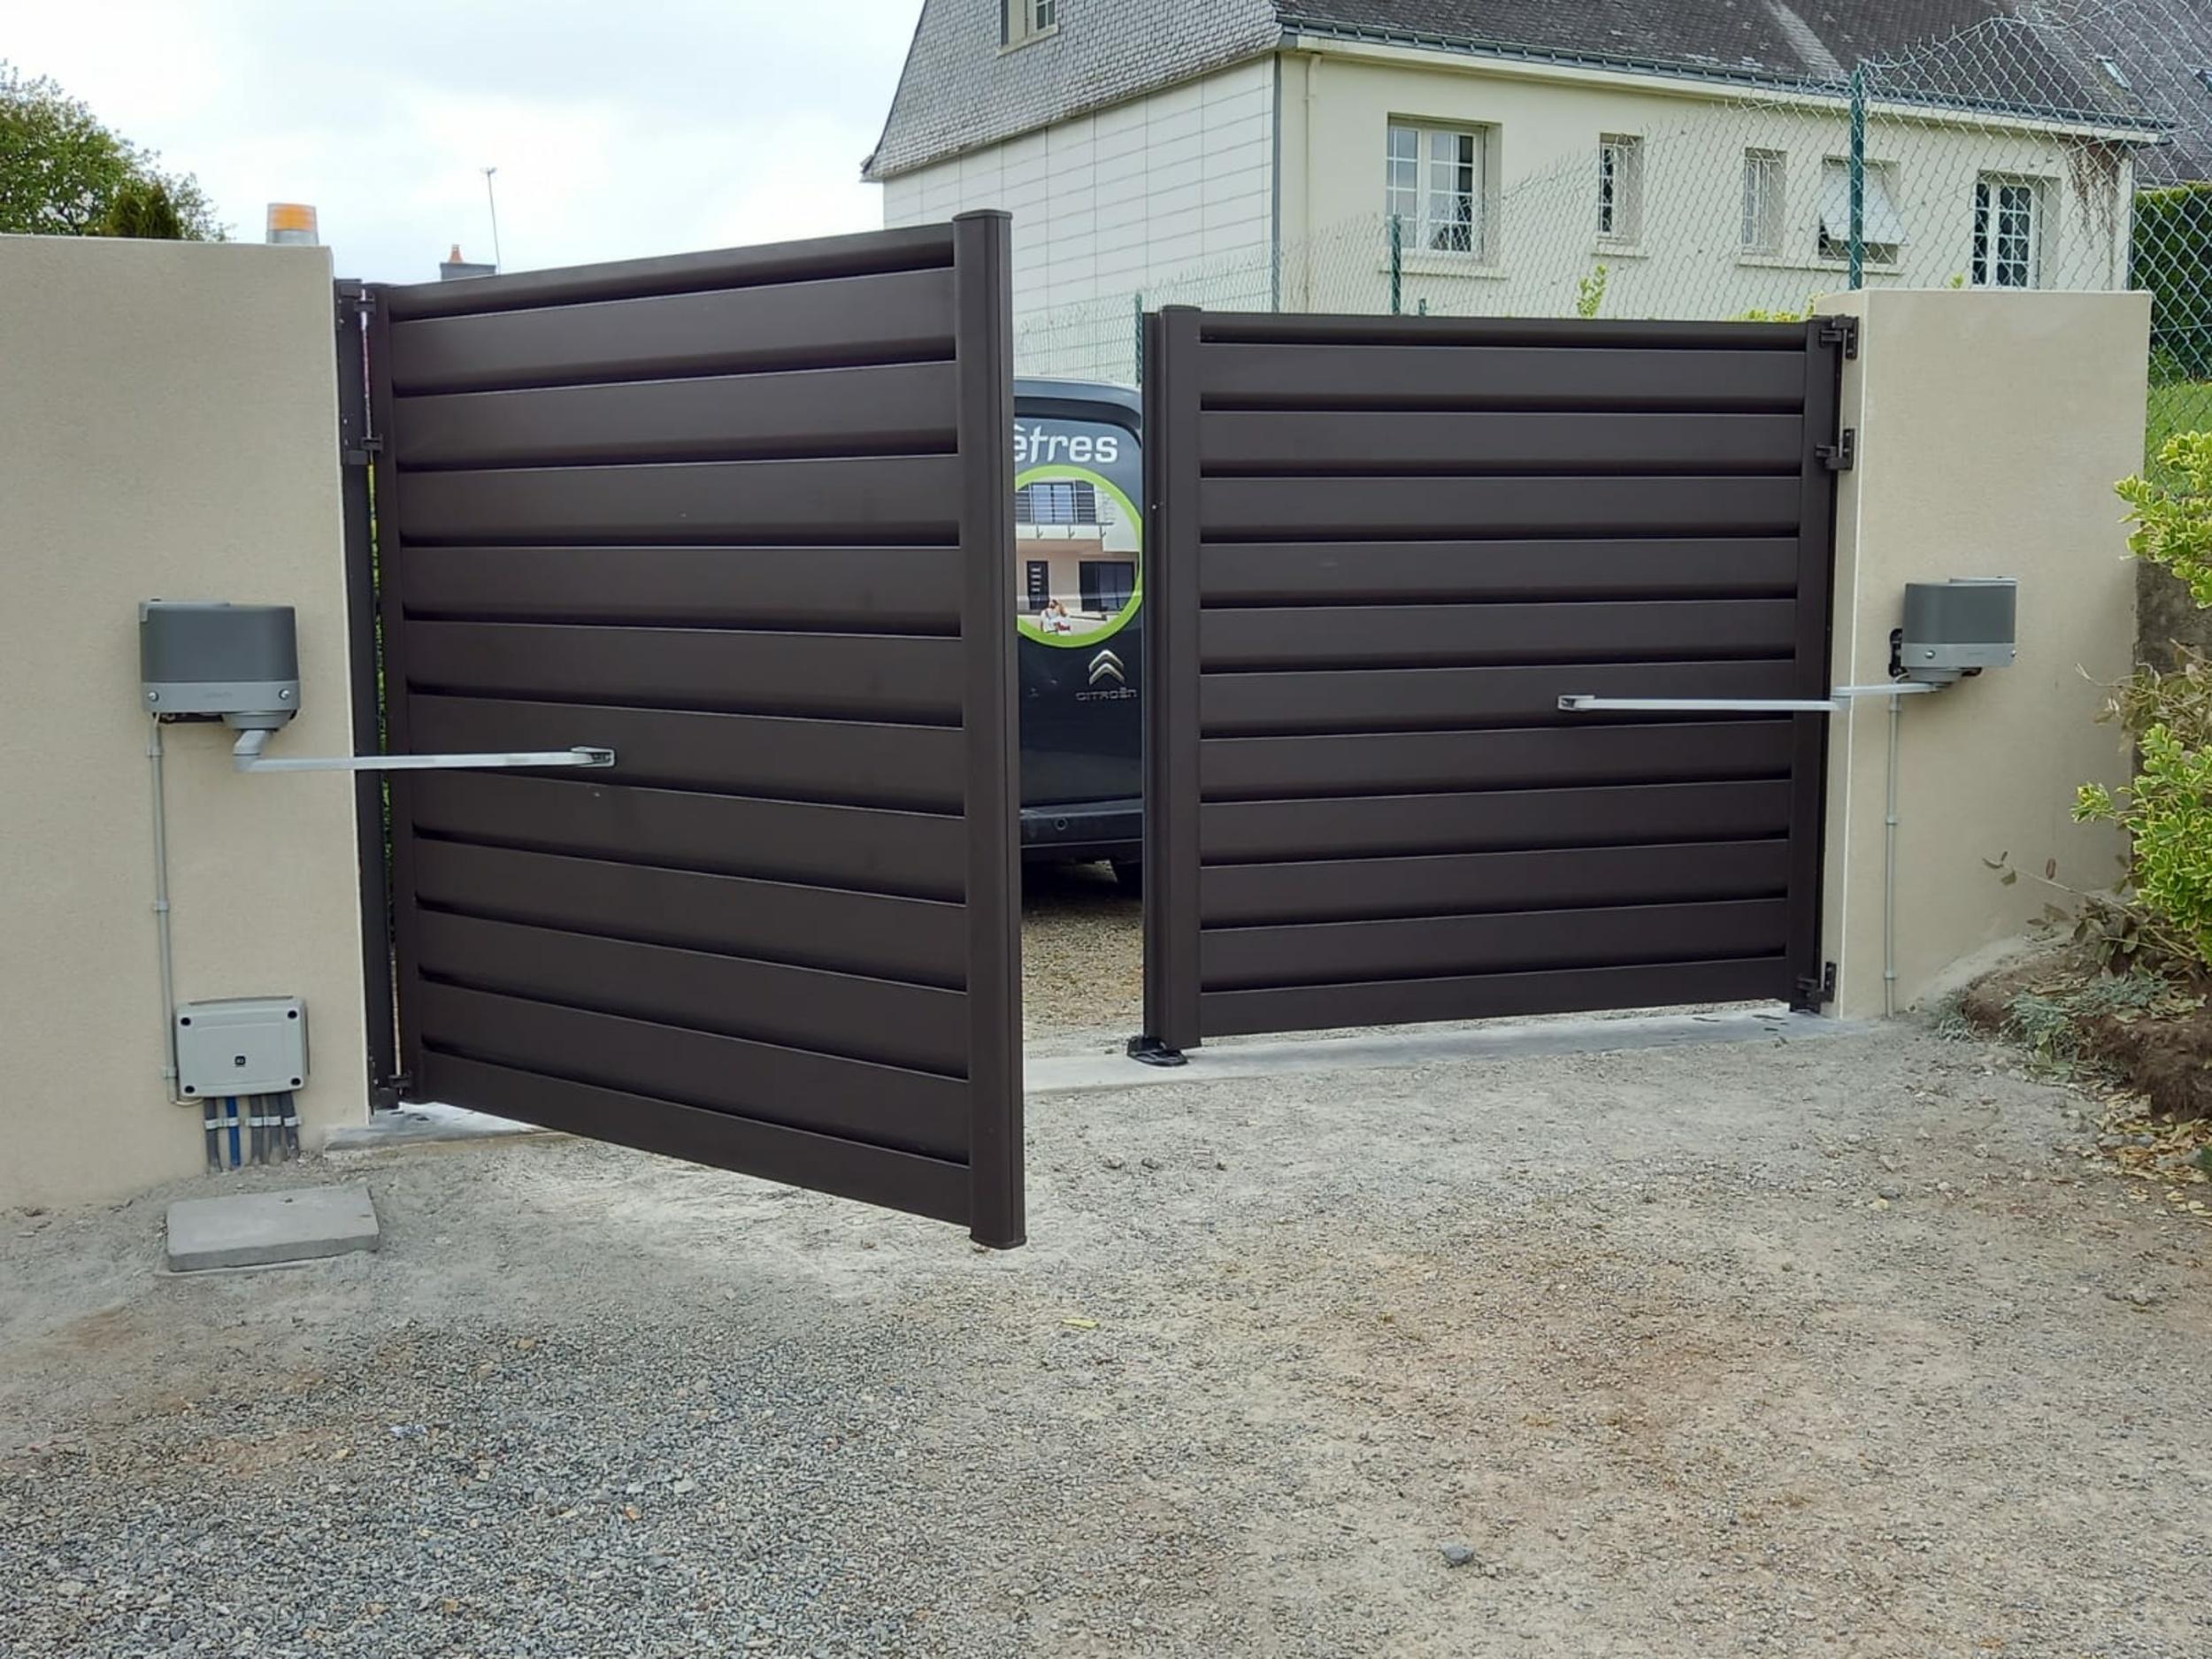 Pose portail aluminium - motorisation SOMFY - Caudan